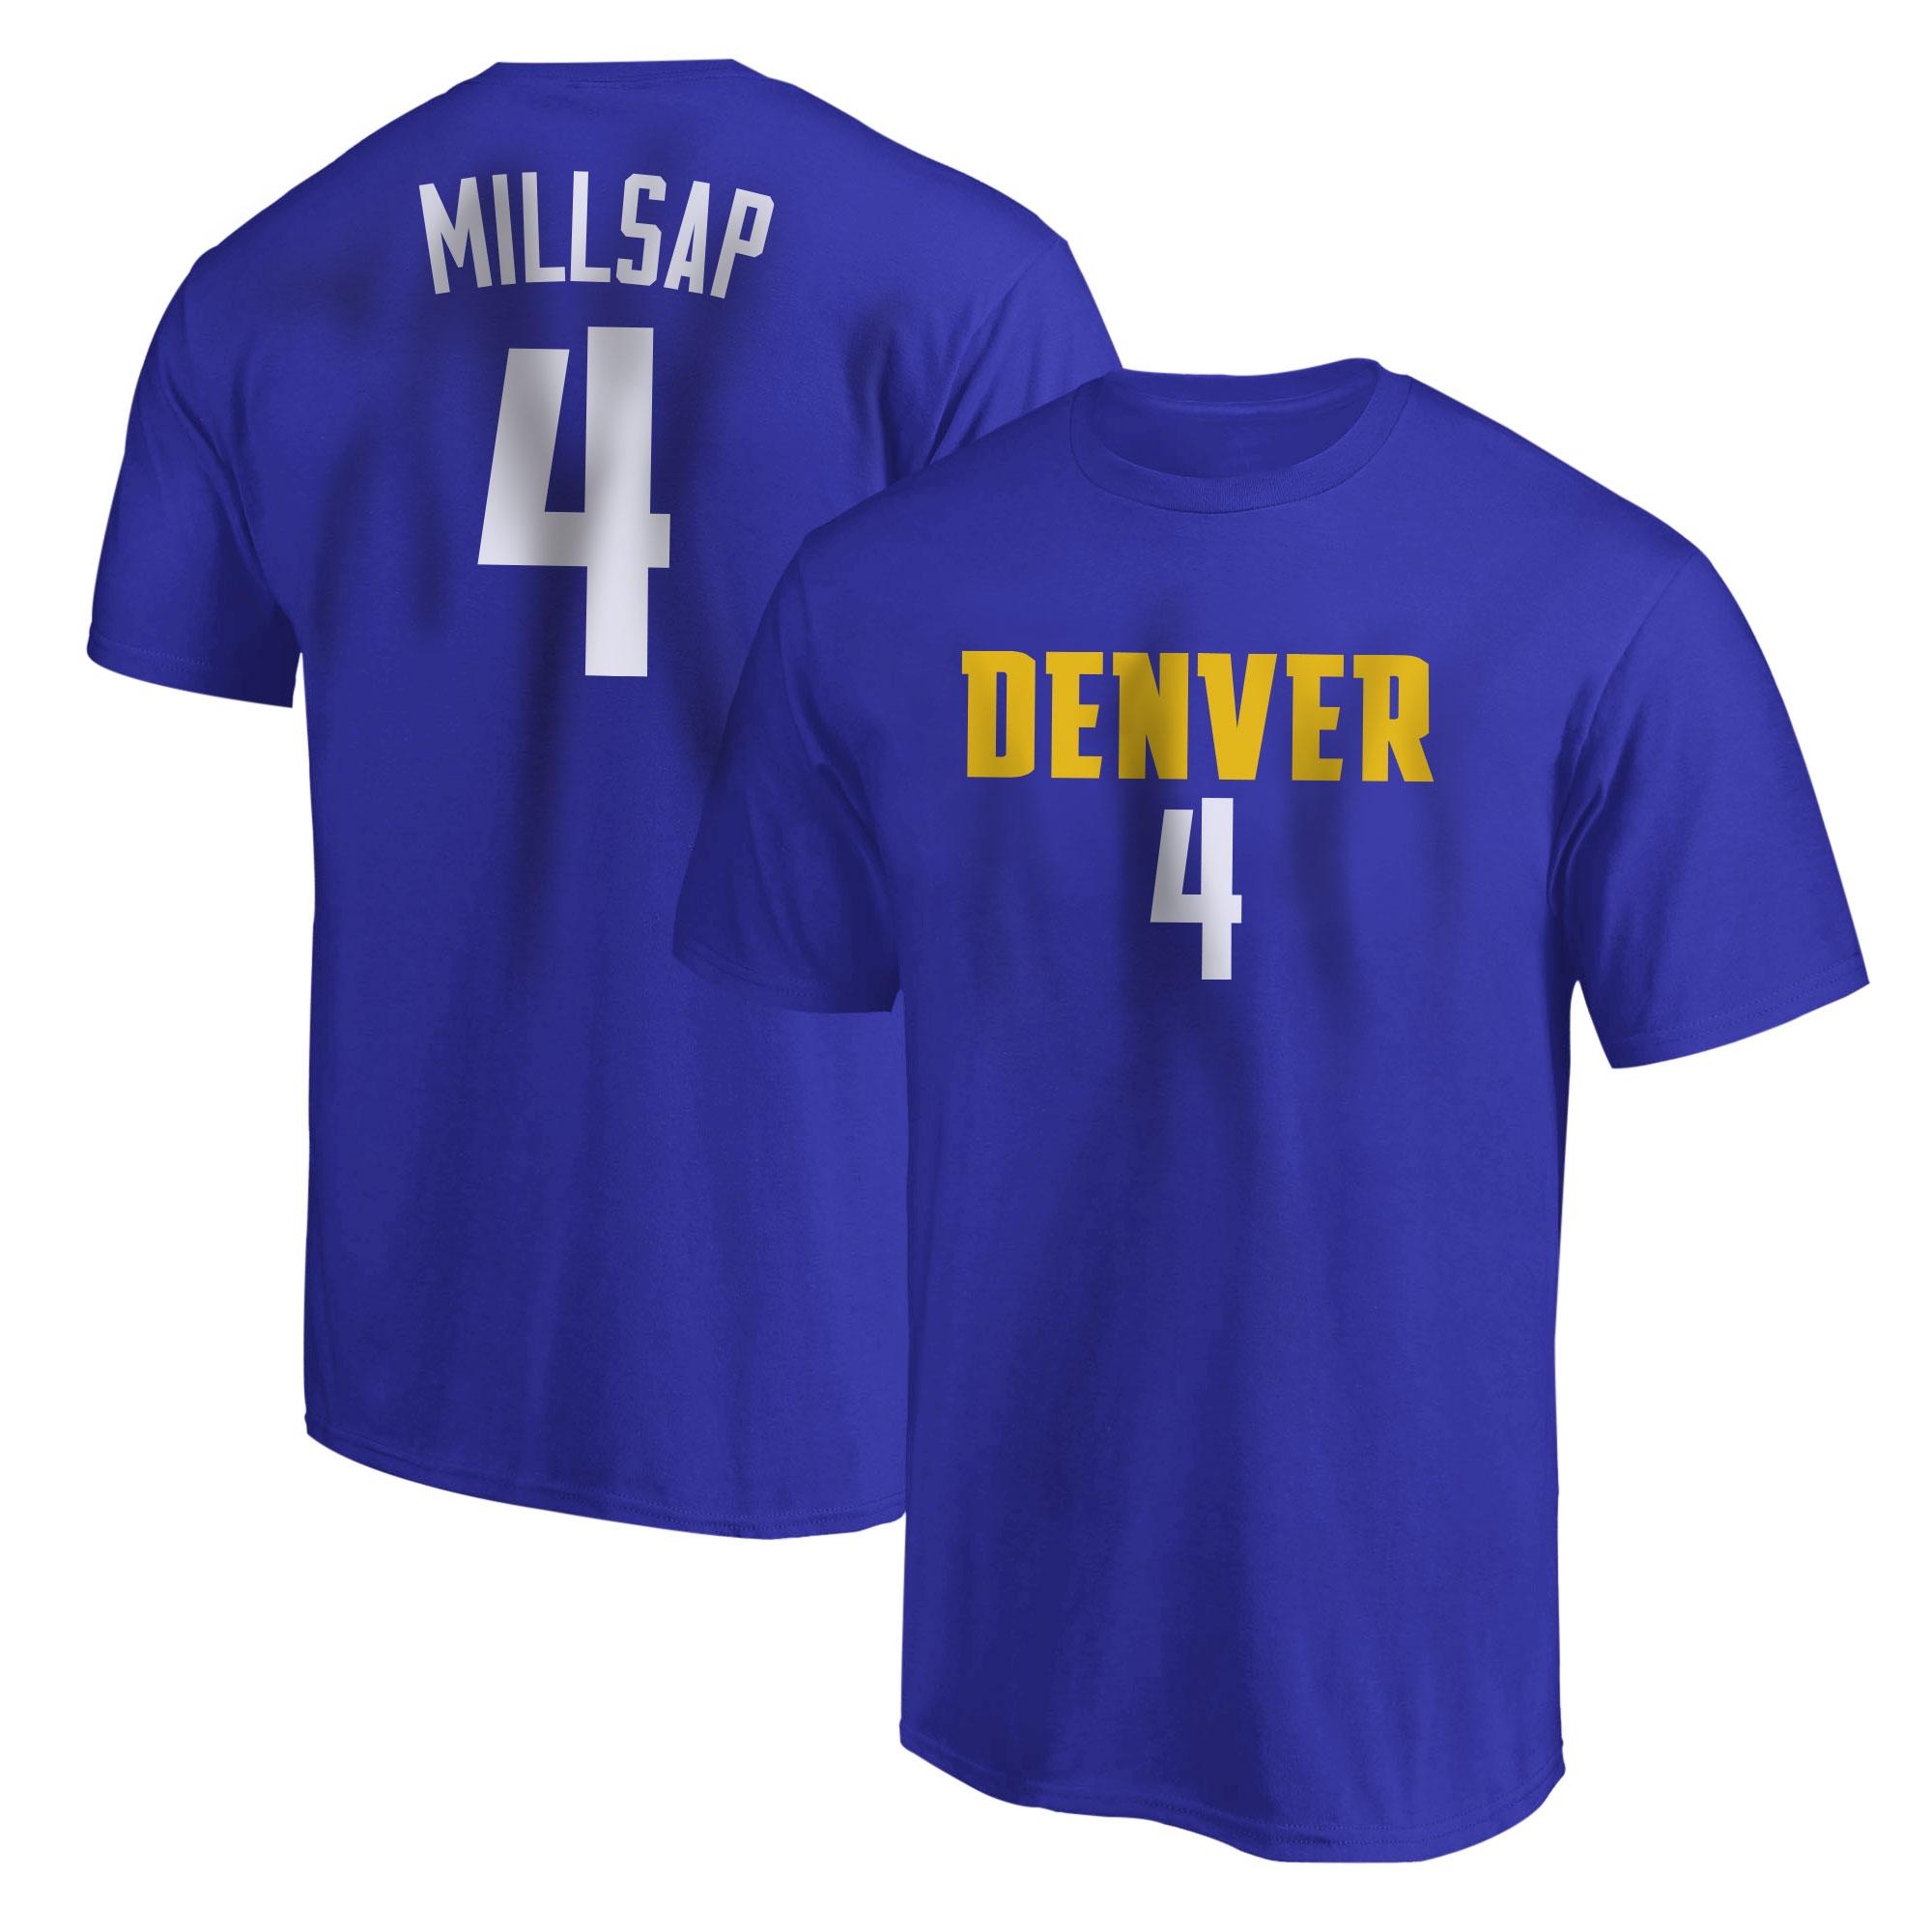 Denver Nuggets Paul Millsap Tshirt (TSH-BLU-PLT-505-4)